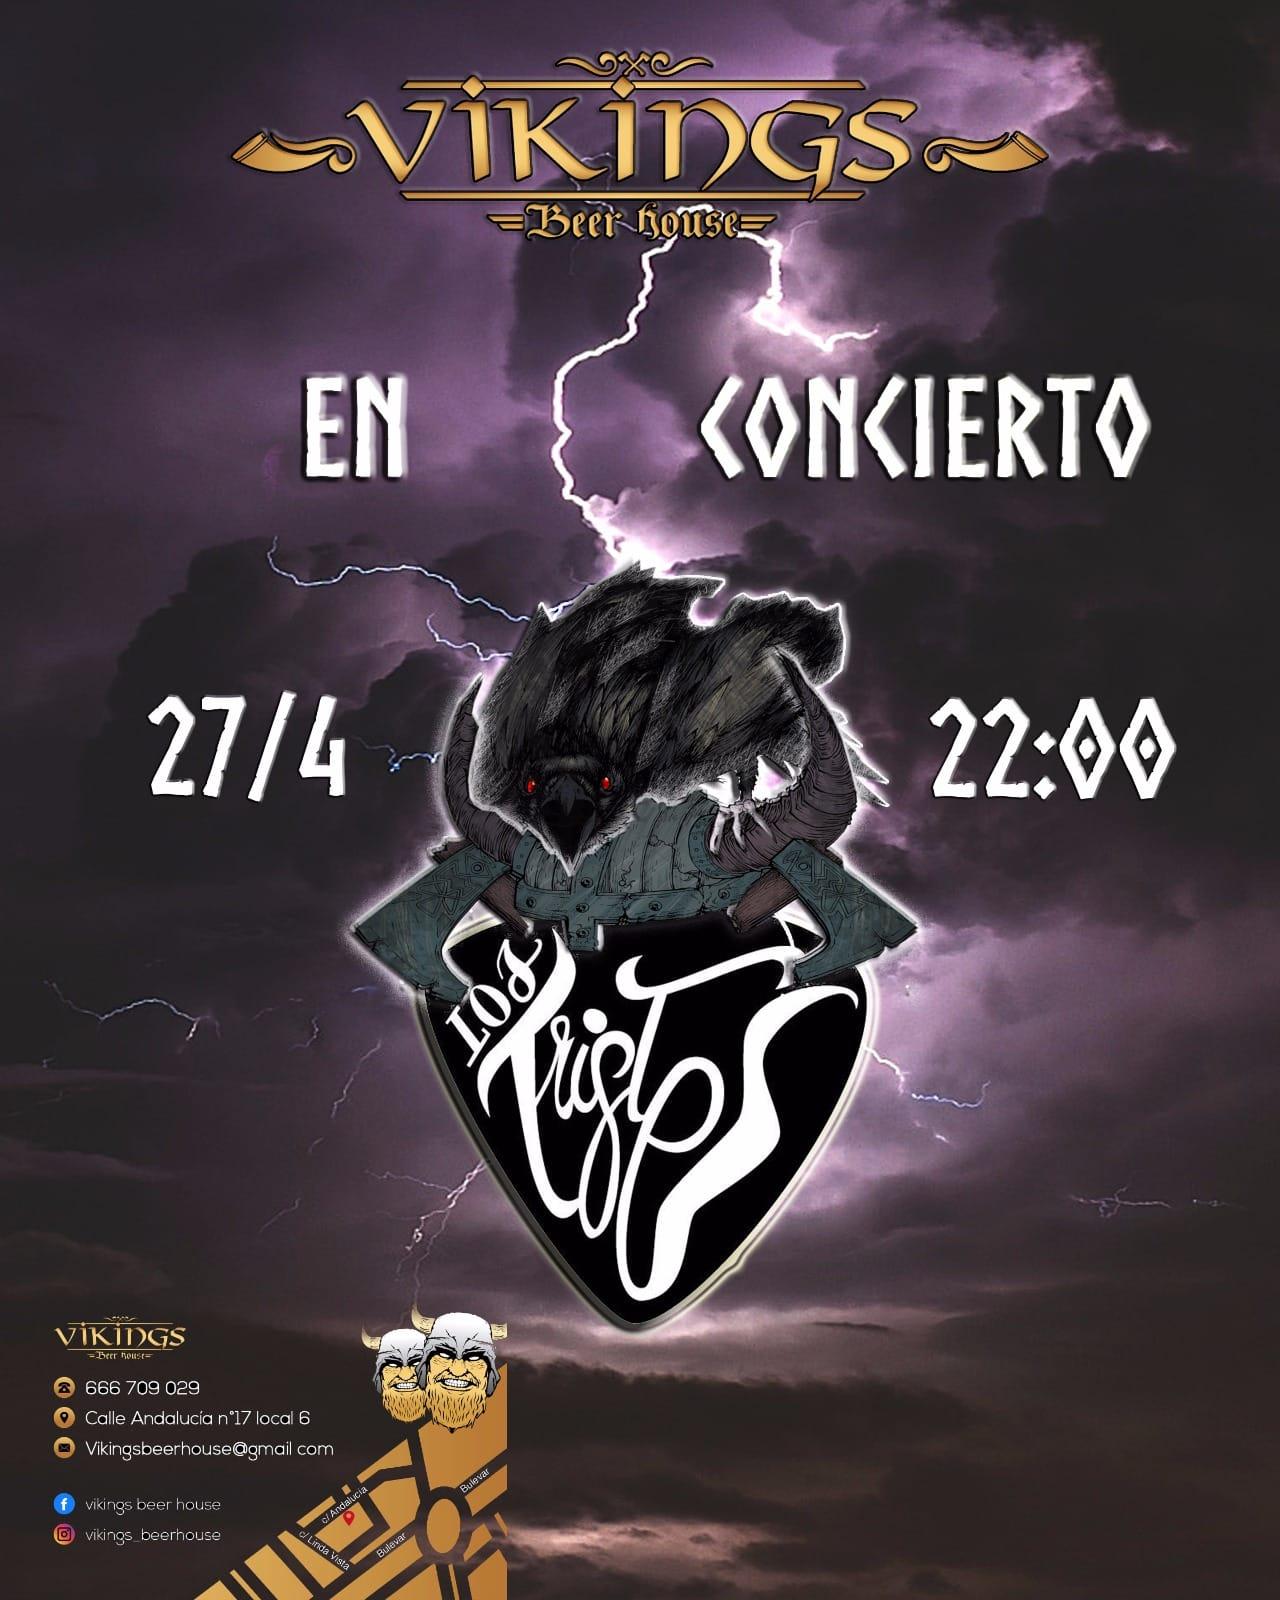 LOS TRISTES estarán actuando el 27 de abril en Viking Beer House (San Pedro De Alcántara)